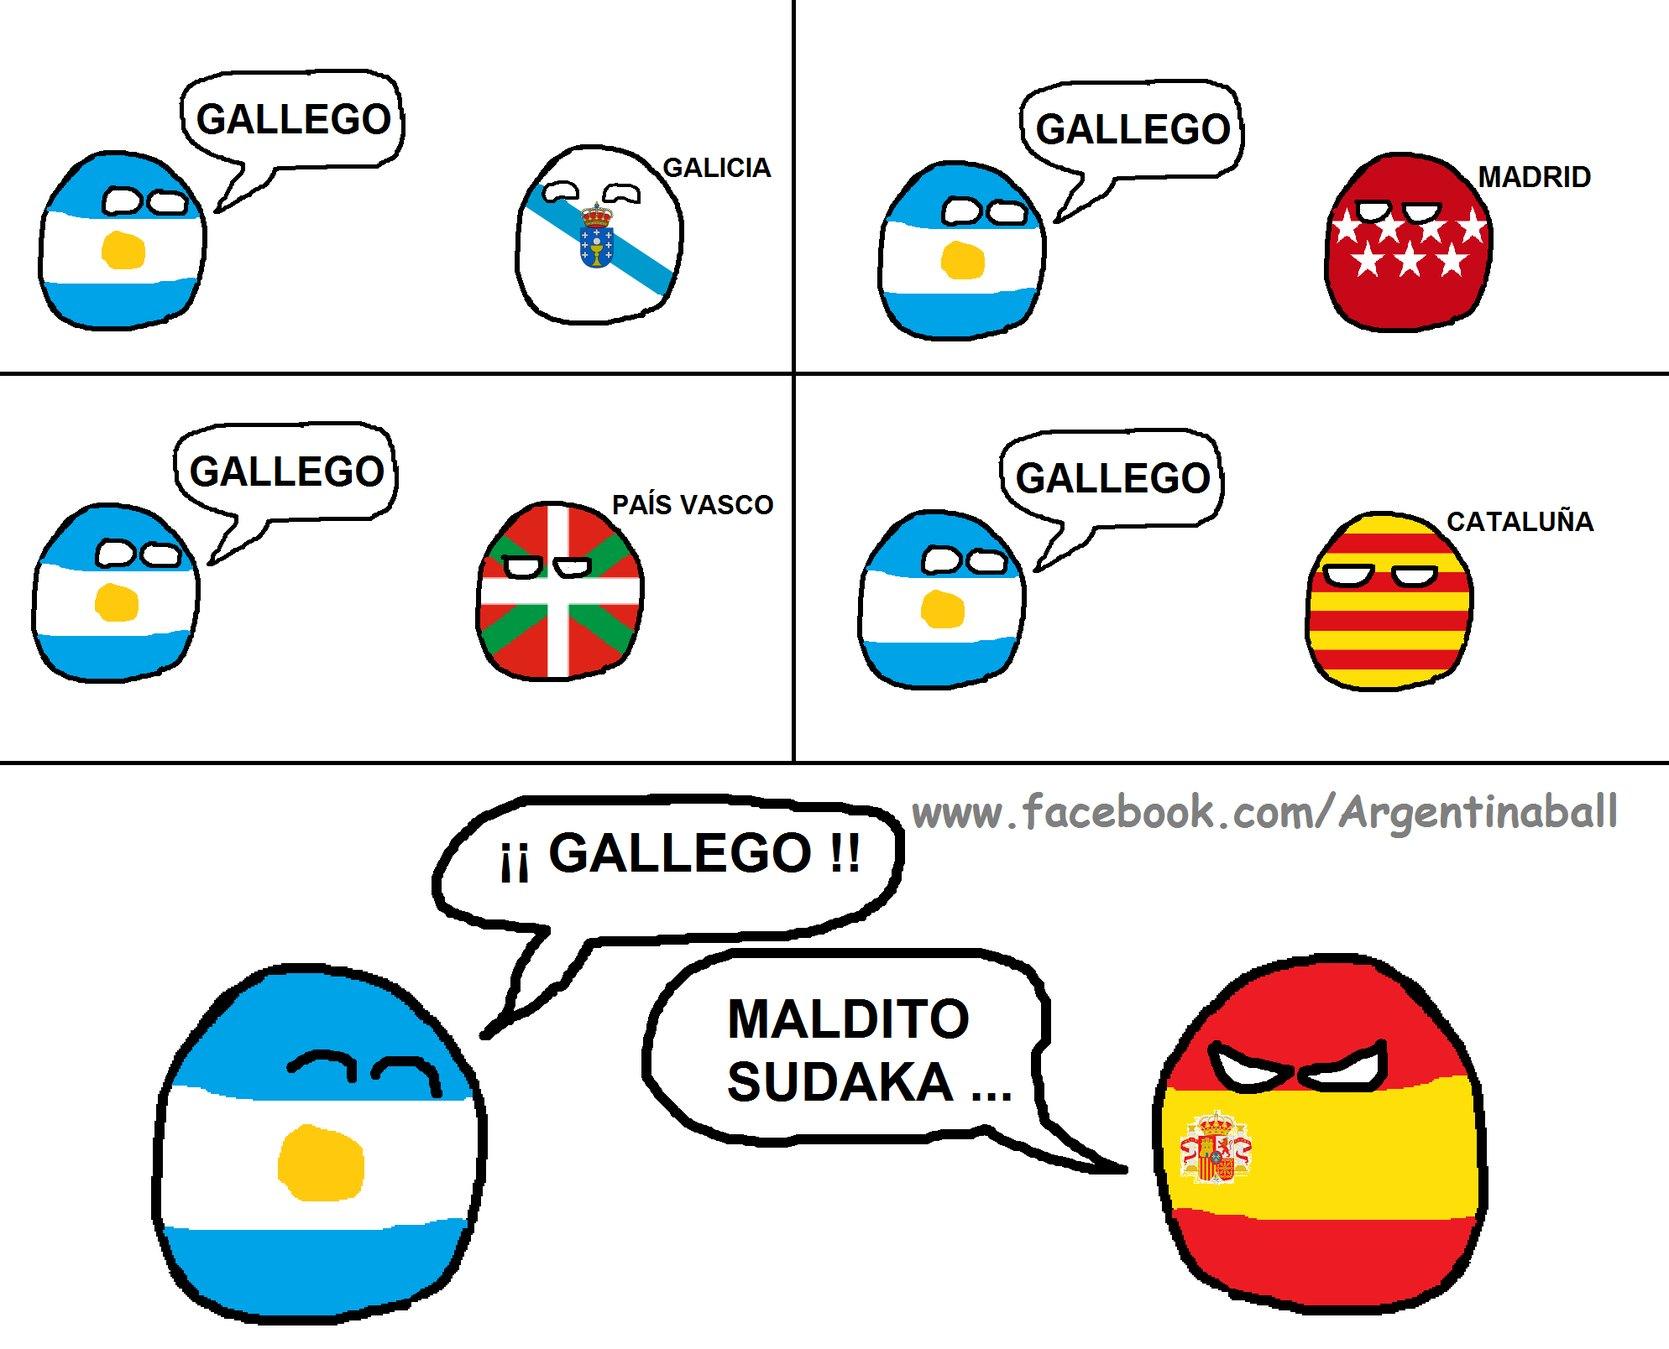 saludos amigos españoles y argentinos - meme